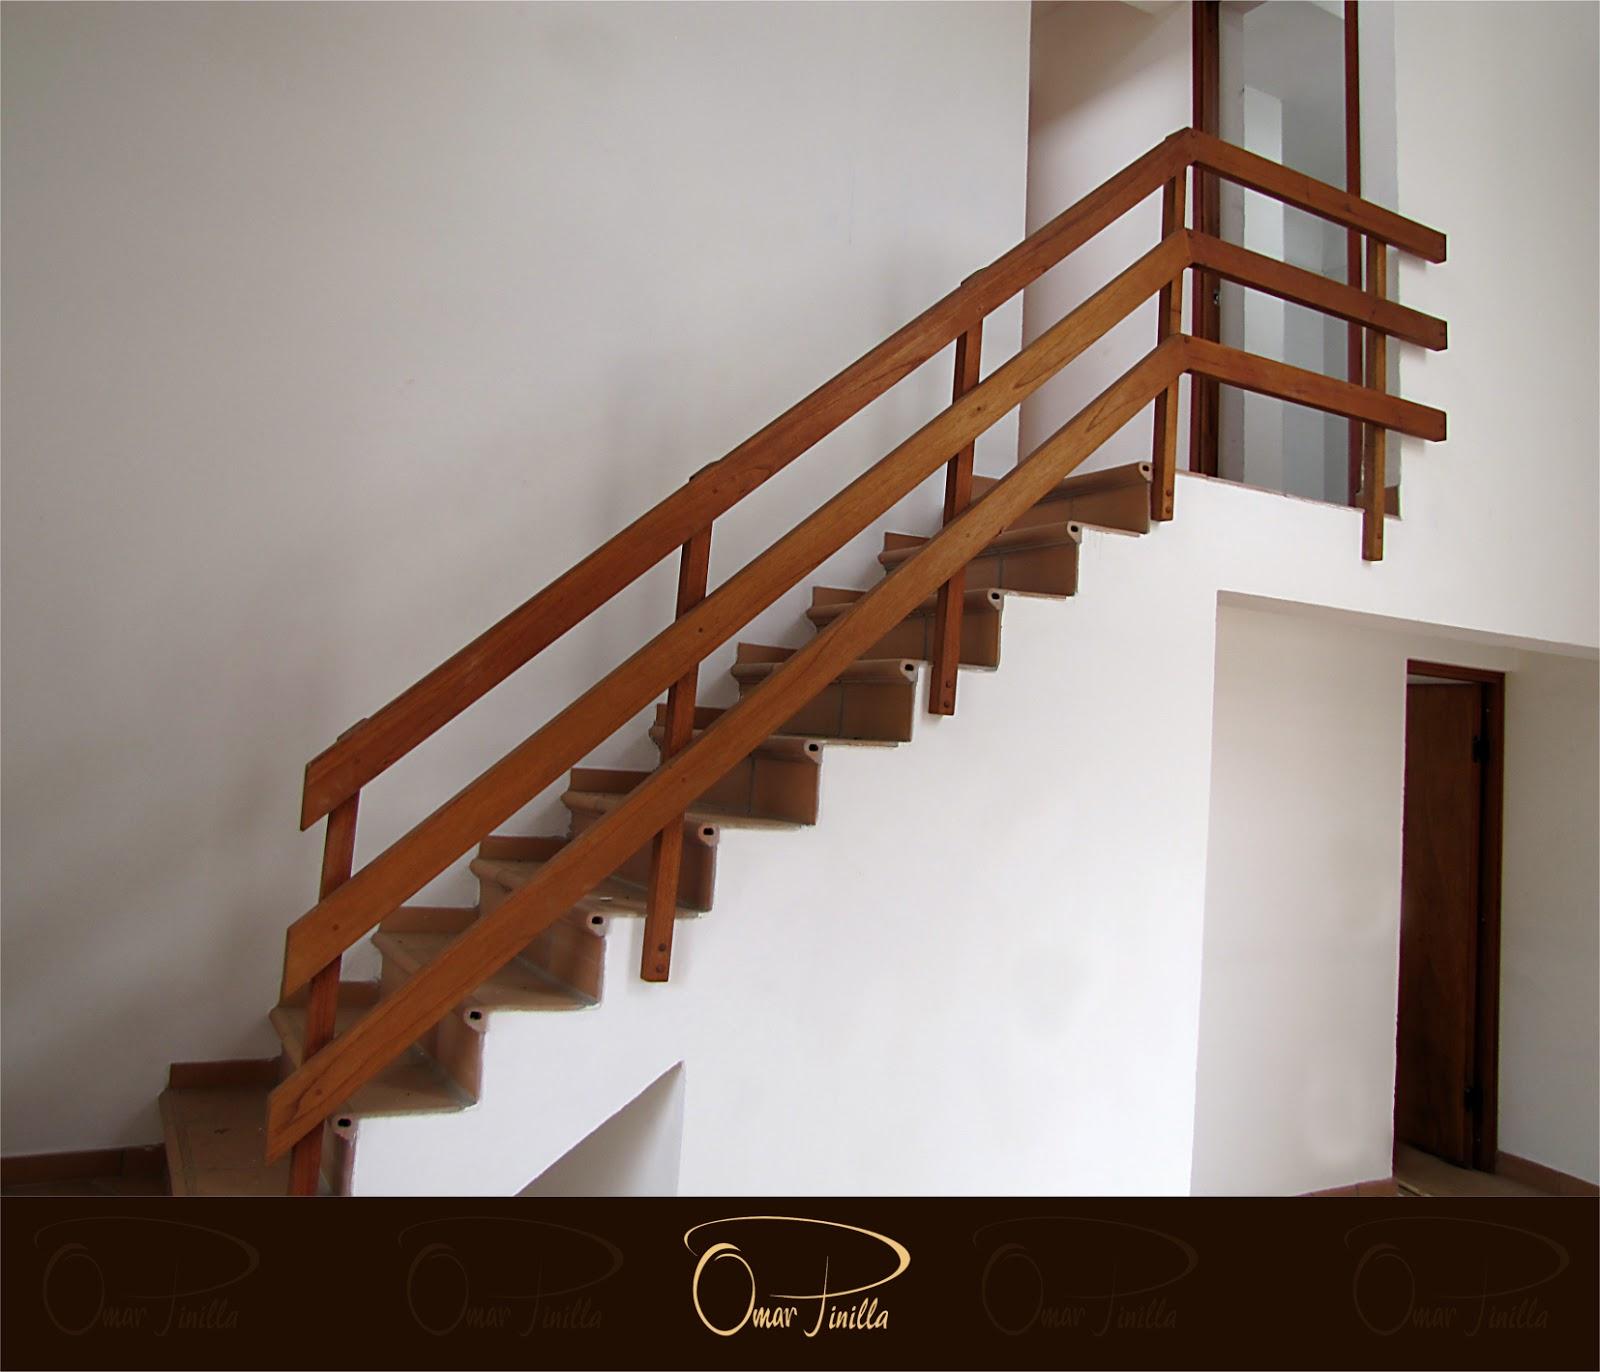 Muebles omar pinilla escaleras barandas - Baranda de escalera ...